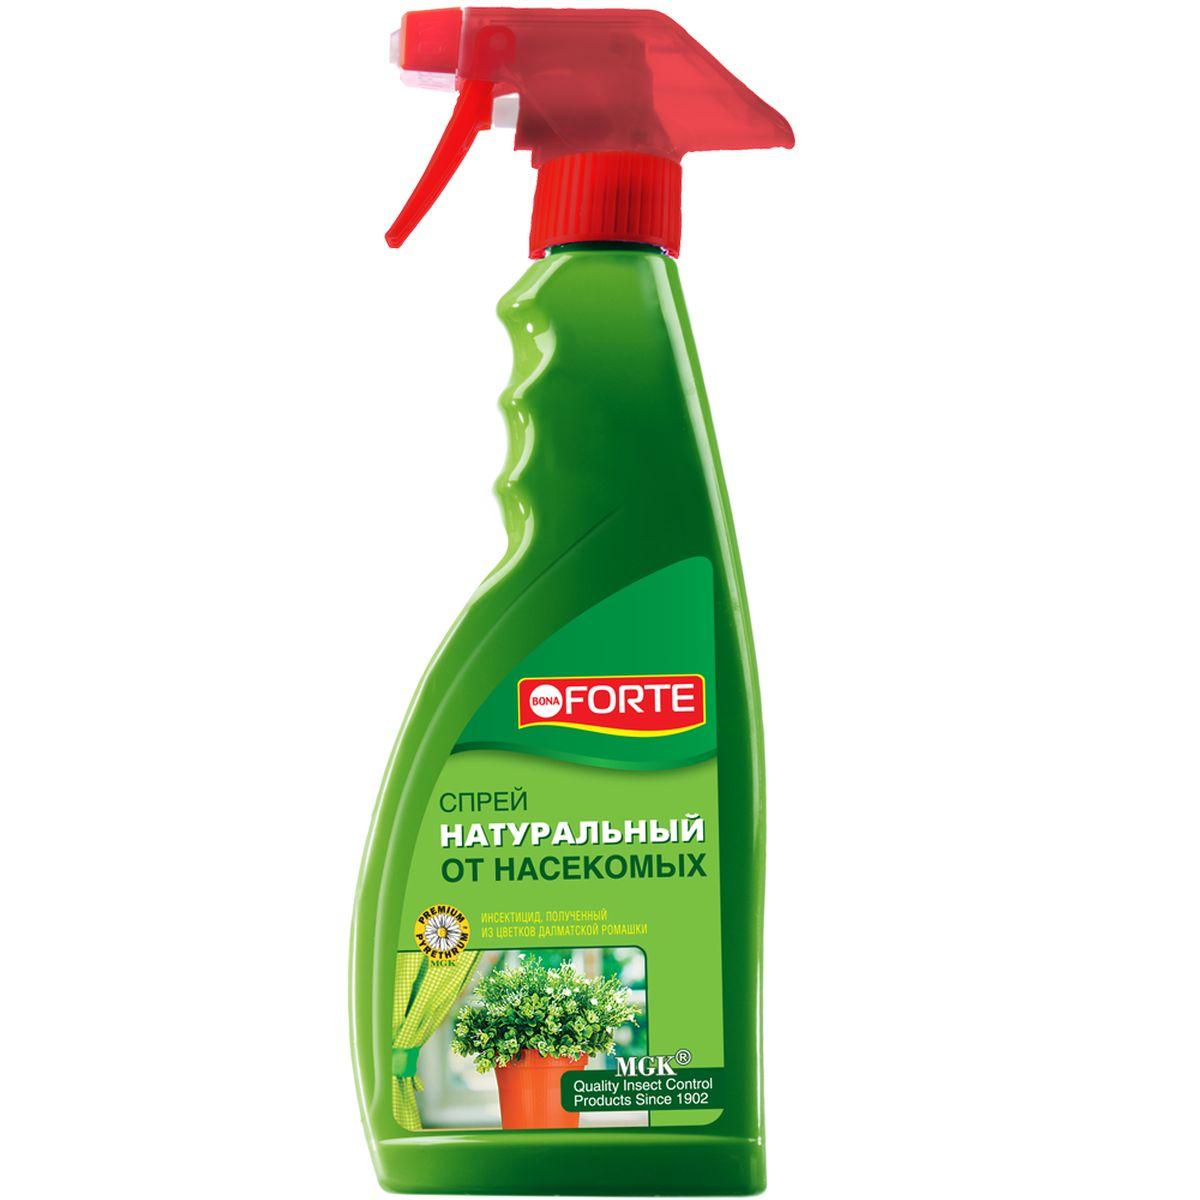 Натуральное инсектицидное средство Bona Forte, спрей, 500 млBF-26-02-001-1Для моментального уничтожения летающих насекомых-вредителей. Не вызывает привыкания у насекомых. Безопасная обработка - после воздействия натурального пиретрума на насекомых, действующие вещества быстро разлагаются до экологически безопасных остатков, не причиняя ущерб человеку и окружающей среде.